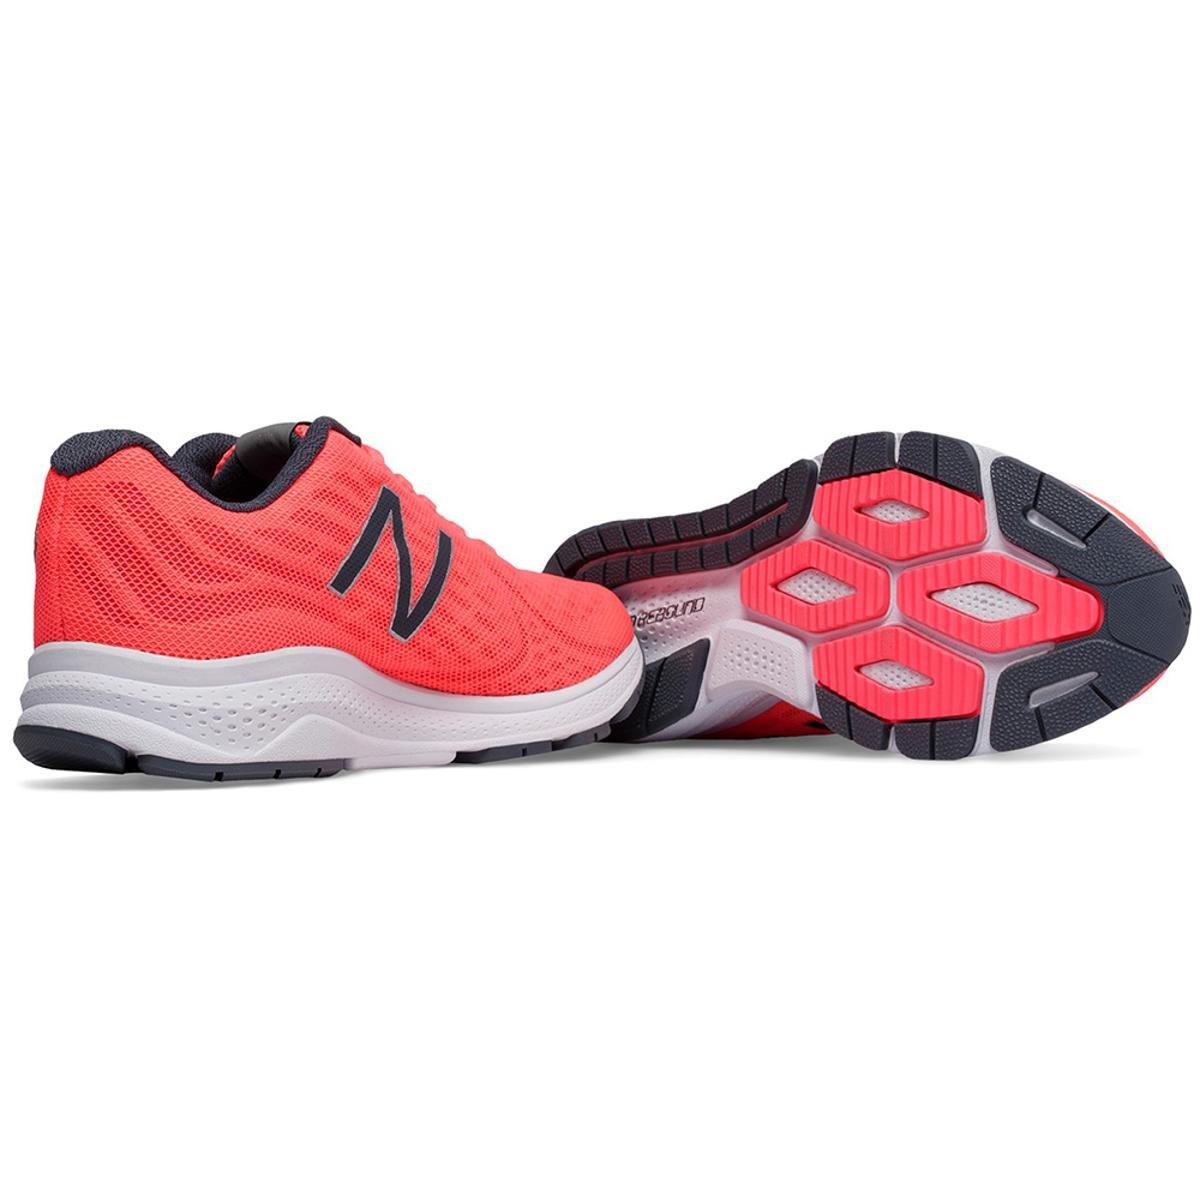 876517a161 Tênis New Balance Rush Feminino - Compre Agora